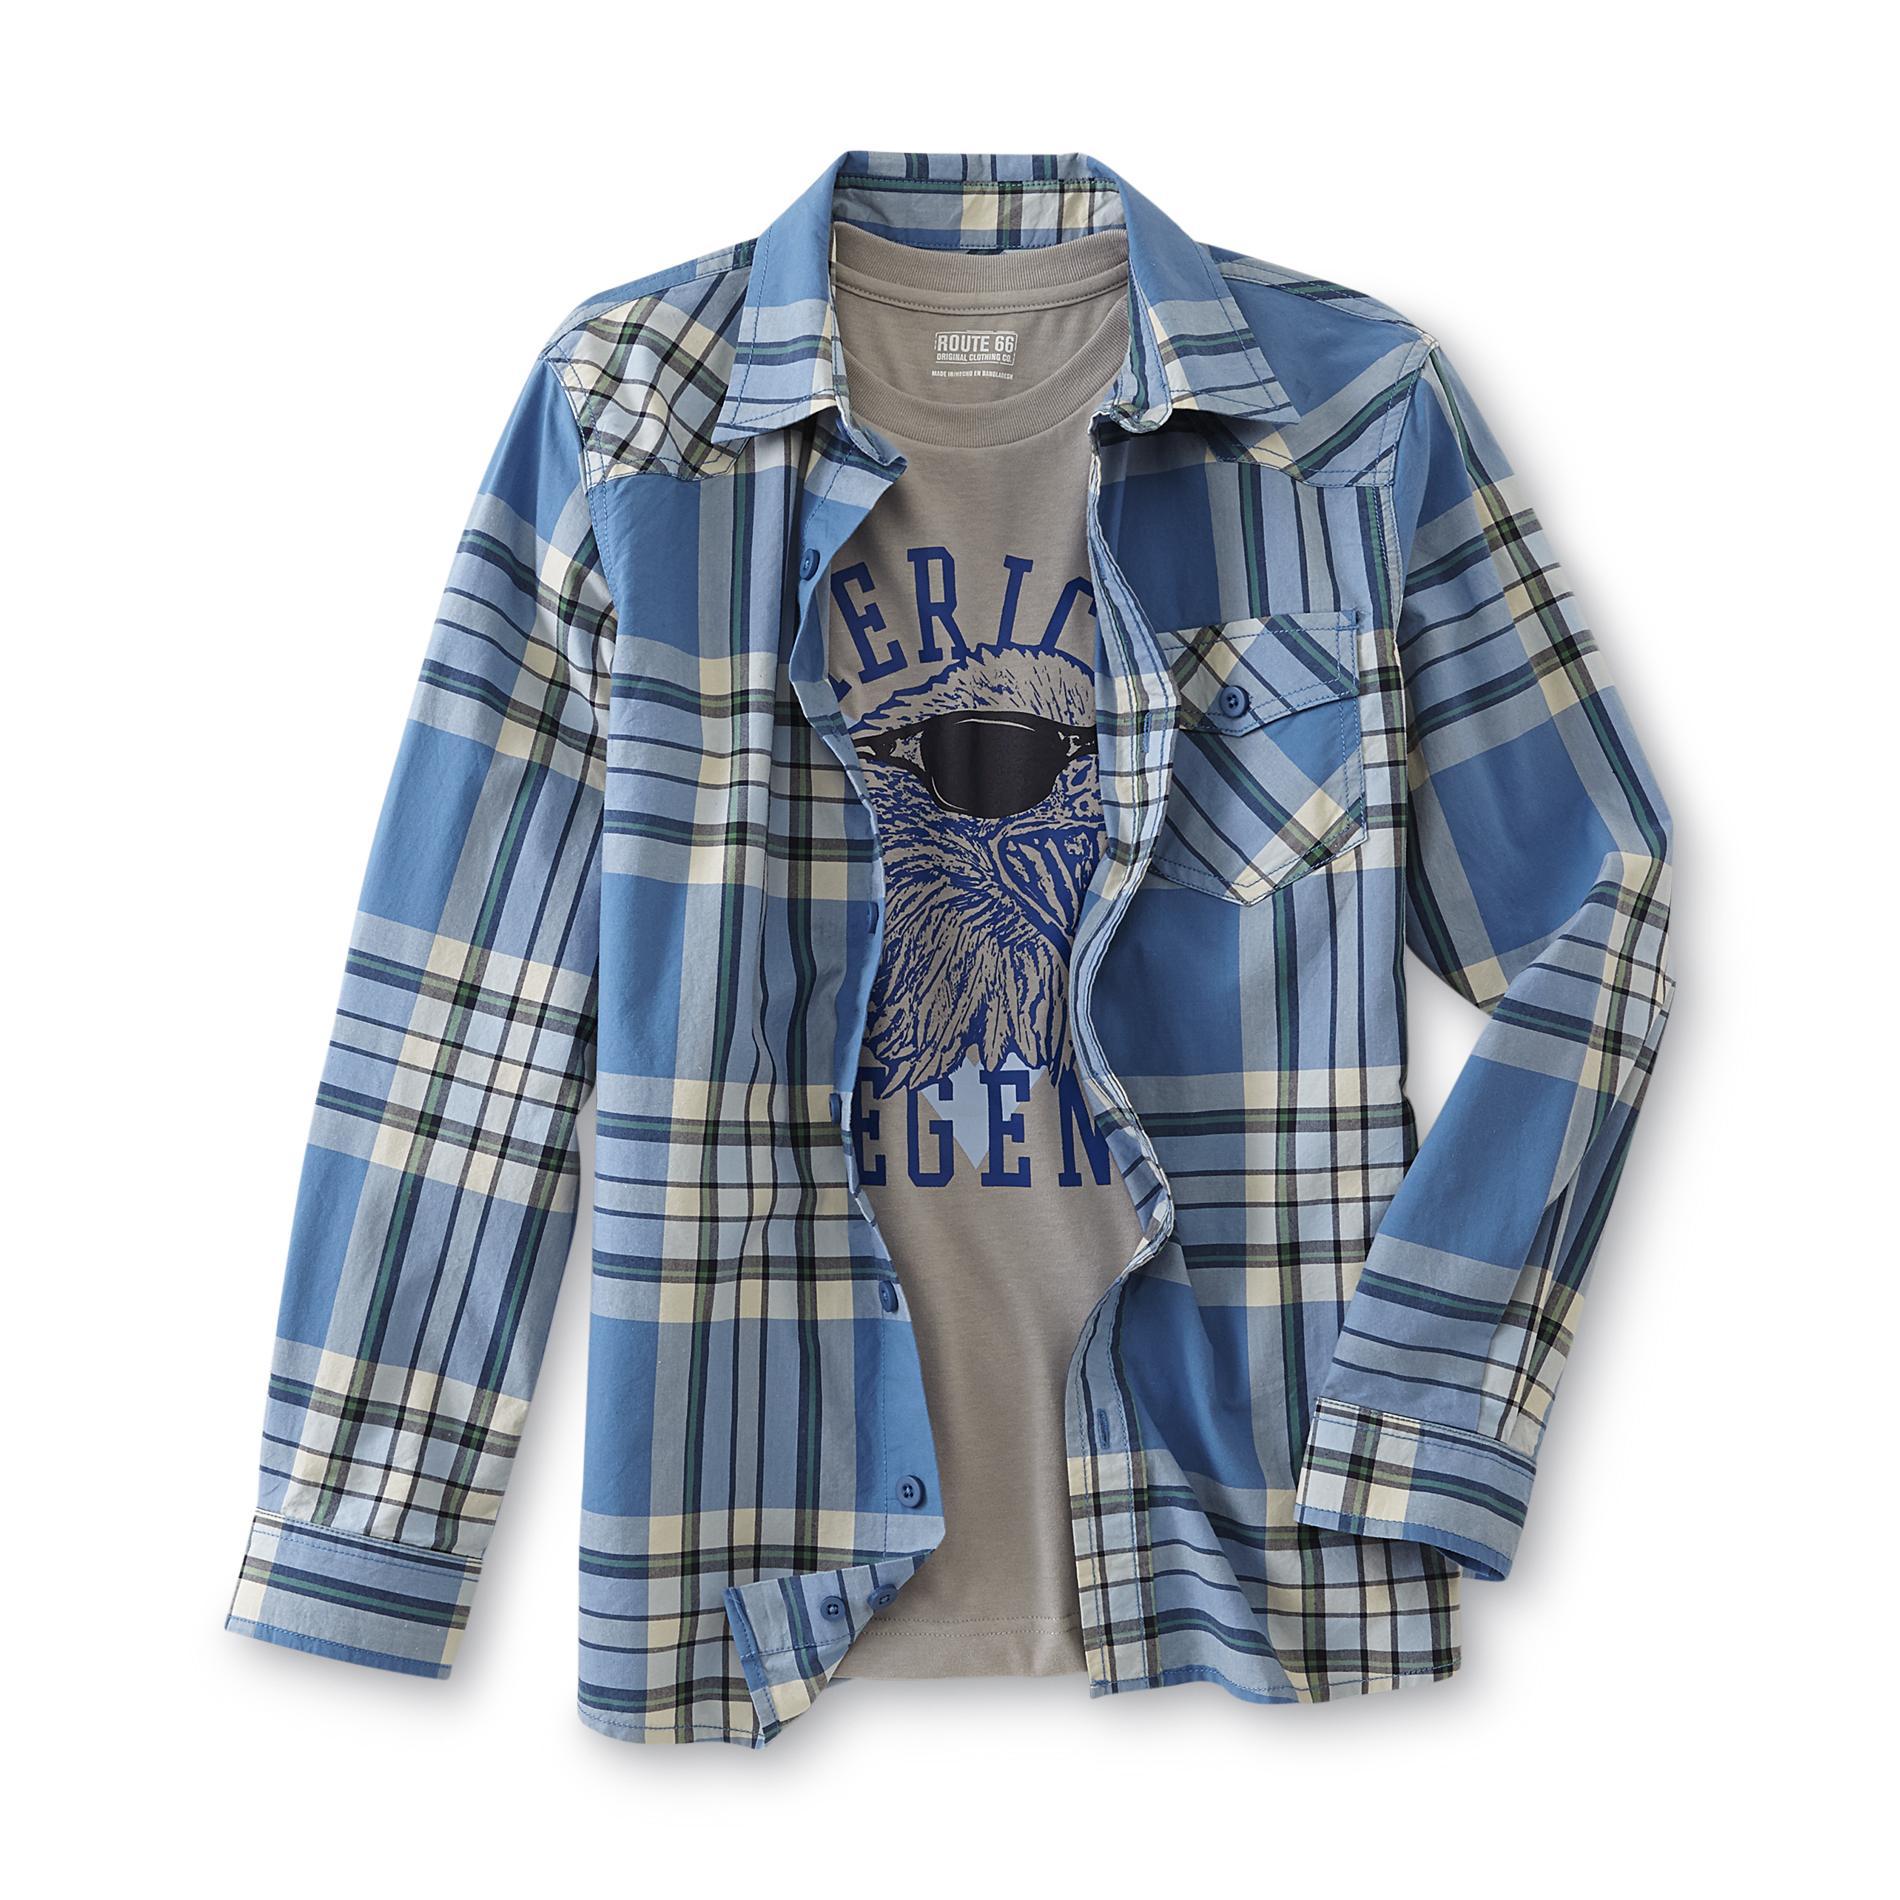 Route 66 Boy's Button-Front Shirt & T-Shirt - American Legend